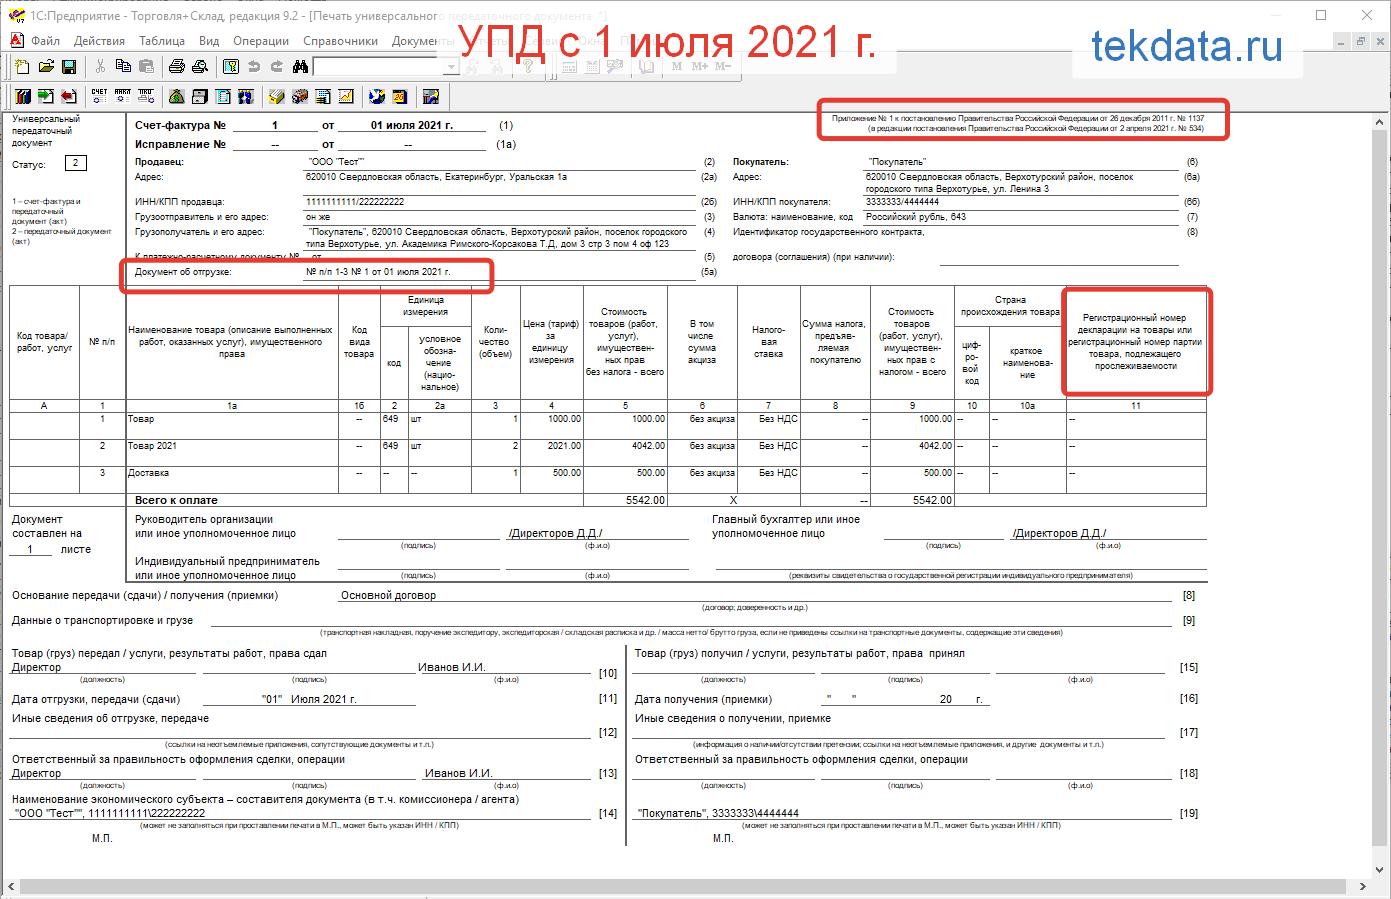 УПД с 1 июля 2021 года для непрослеживаемых товаров для 1С 7.7 Торговля и склад 9.2 (Внешняя печатная форма)